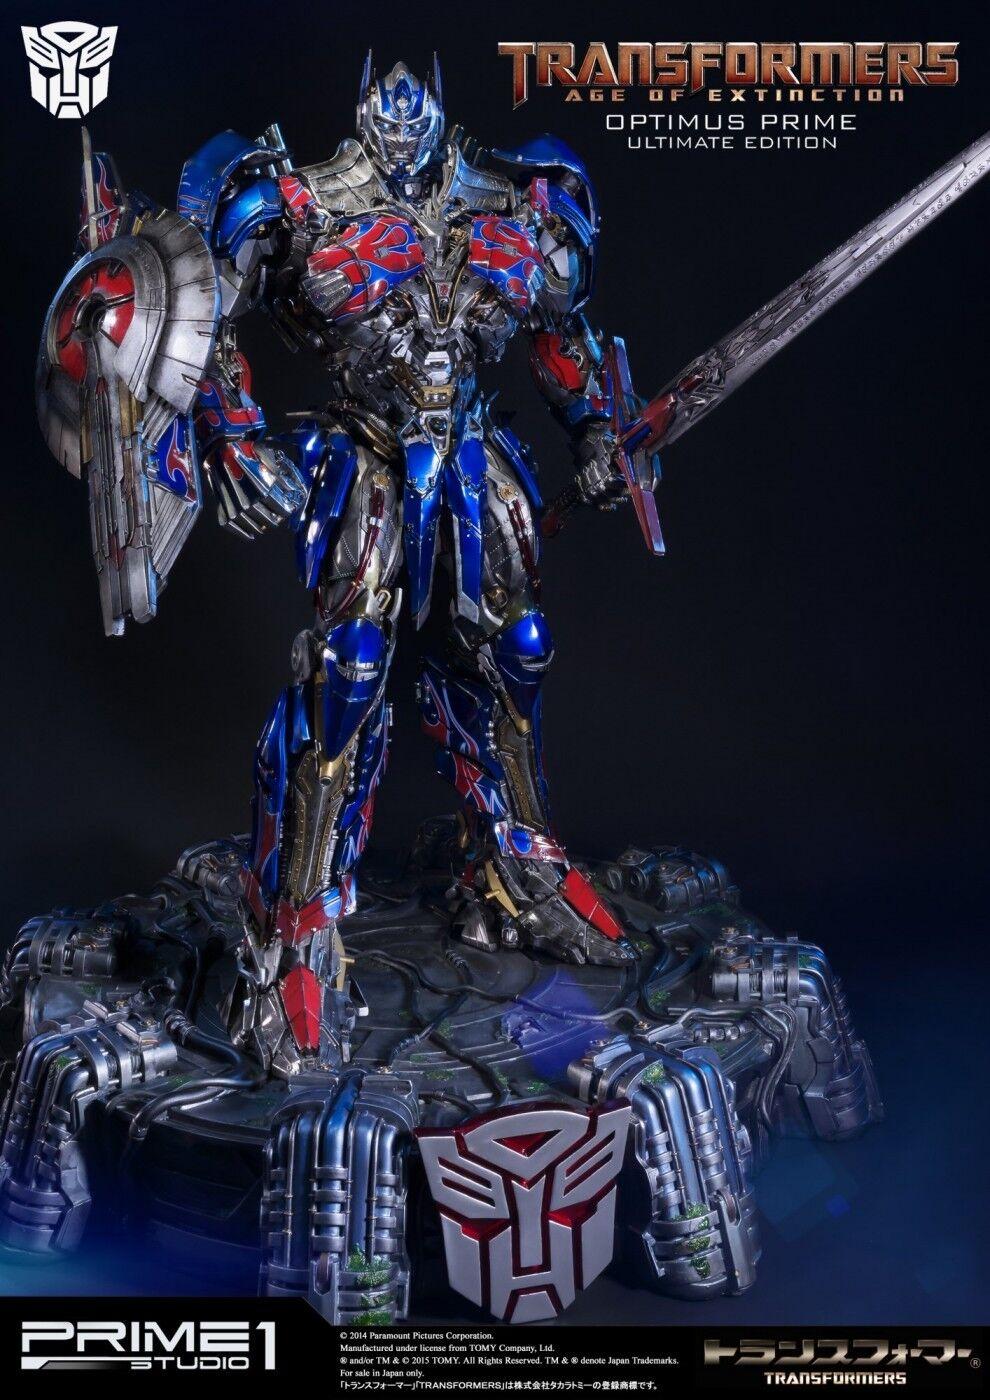 Transformers Prime 1 Studio Extractor Prime perdido edad Exclusivo Ver. MIB mmtfm - 08EX